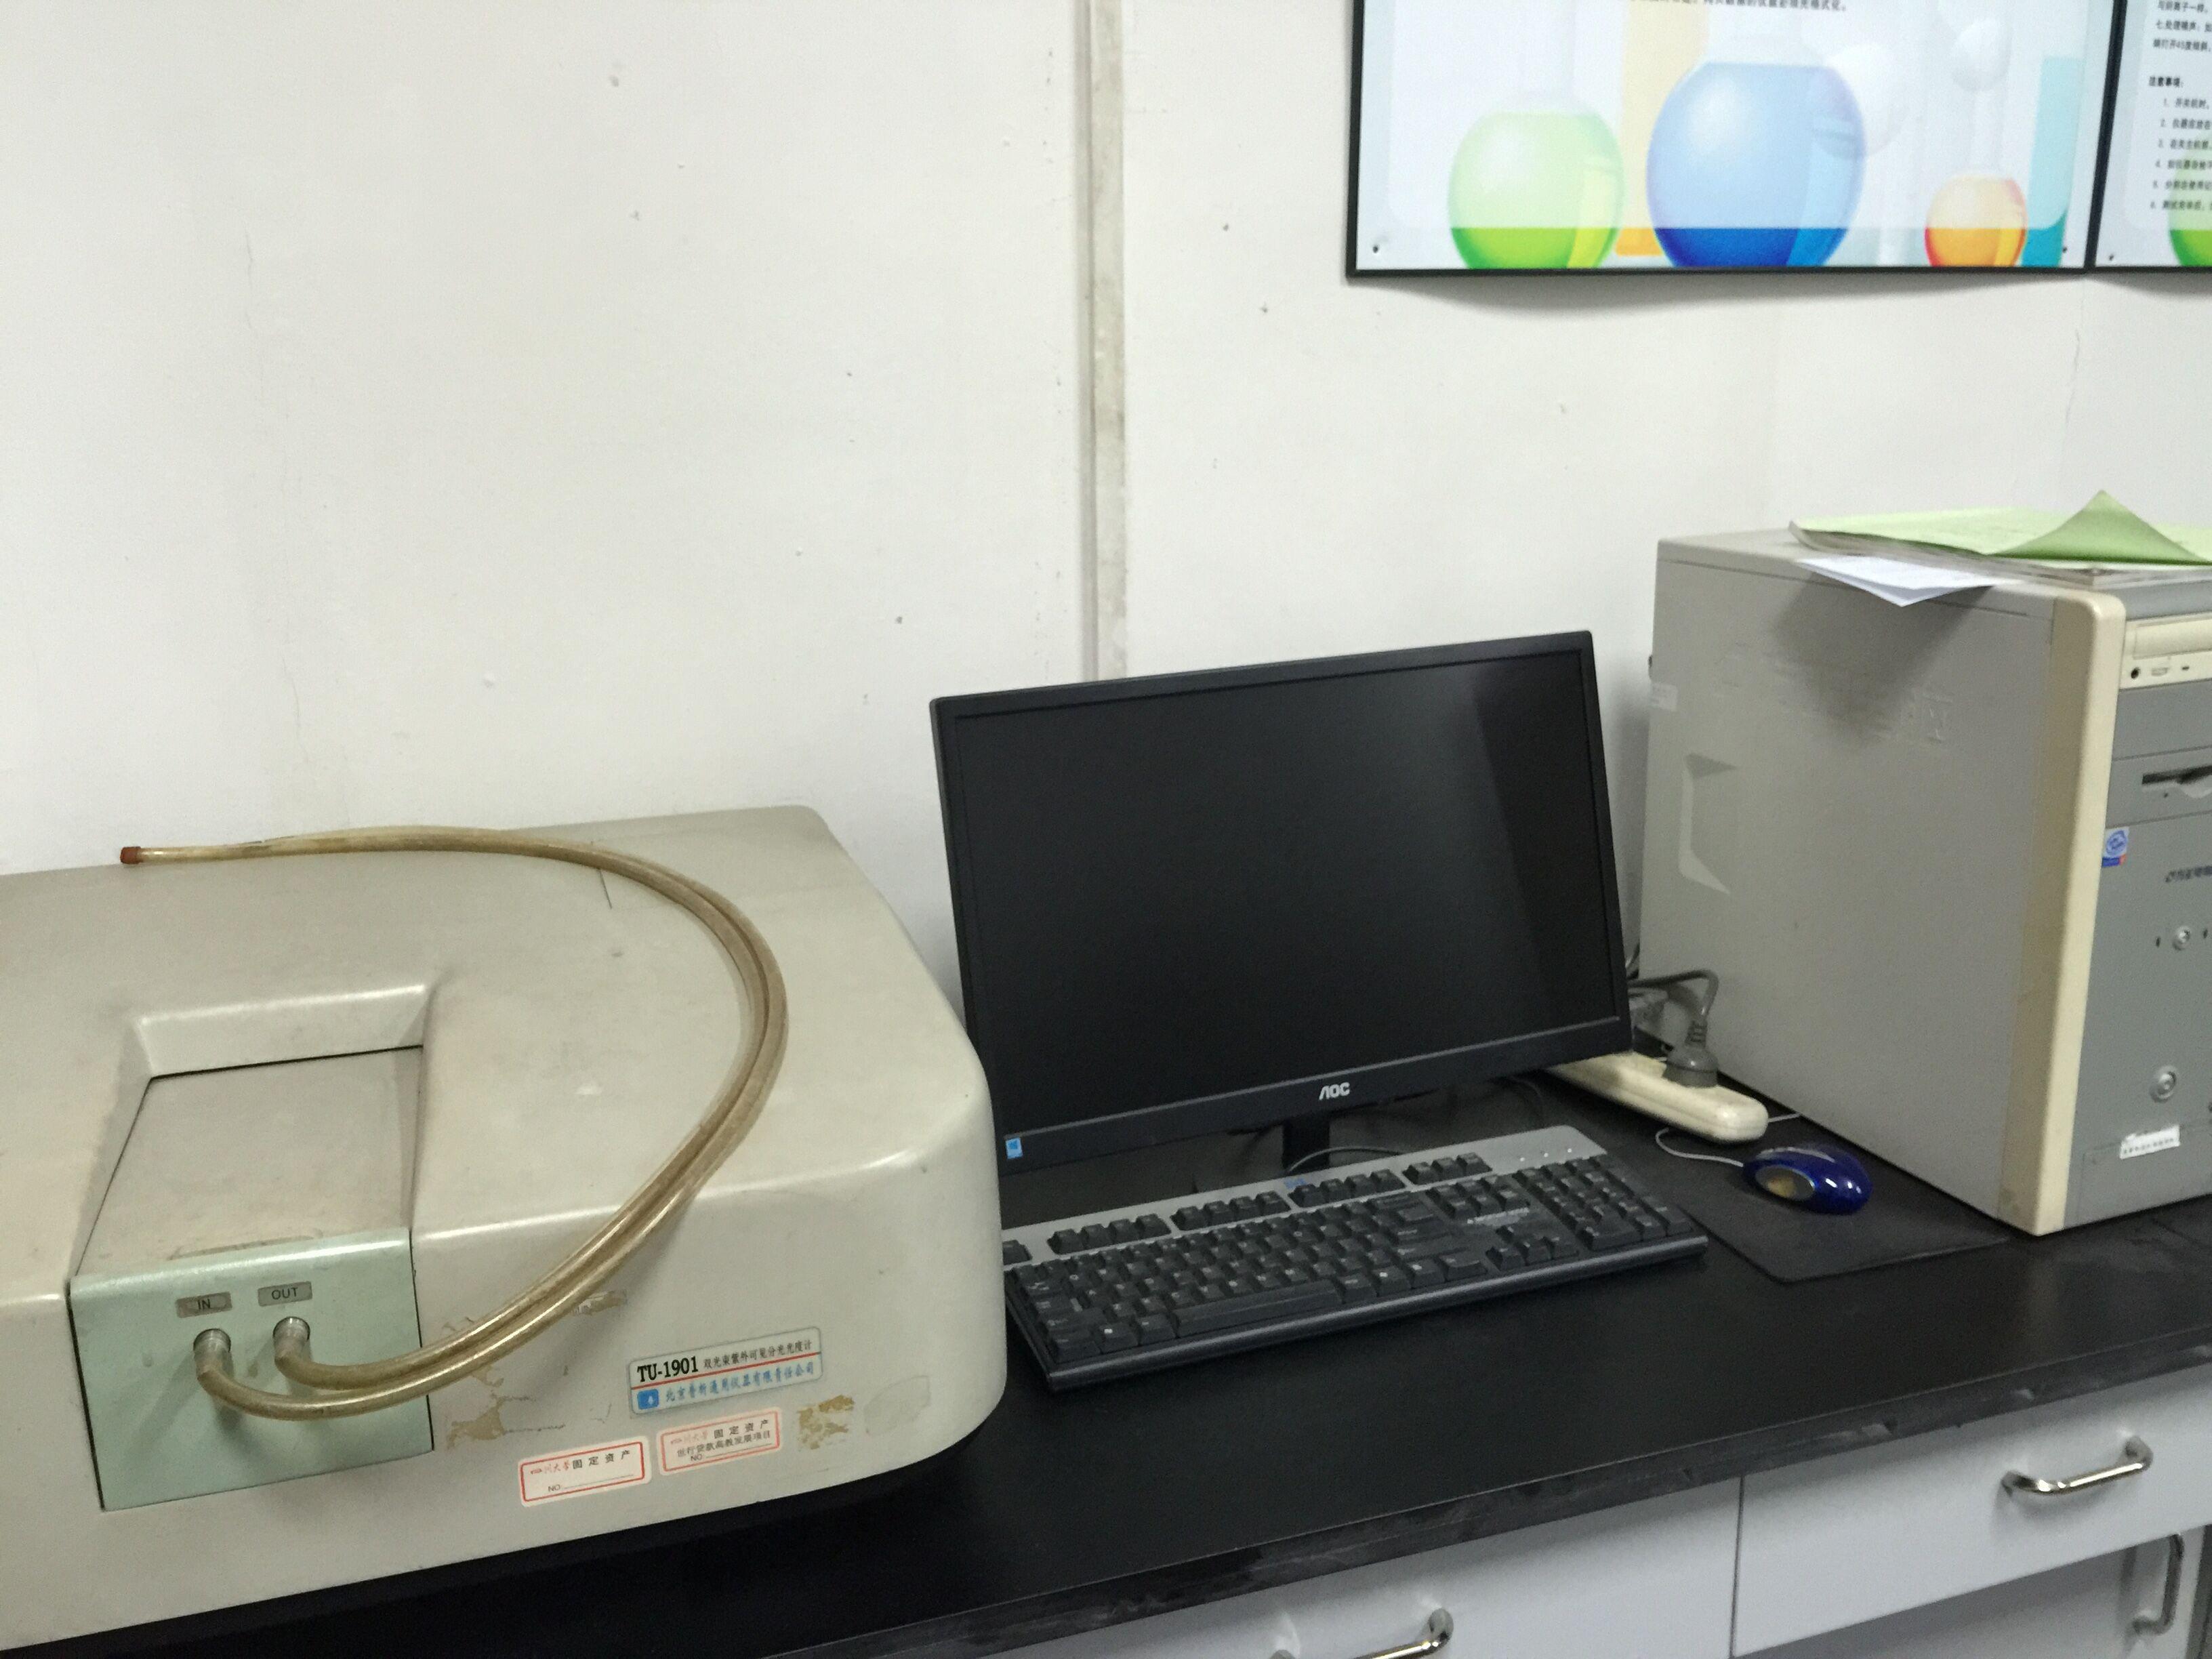 紫外可见分光光度计(UV-VIS Spectrophotometer)